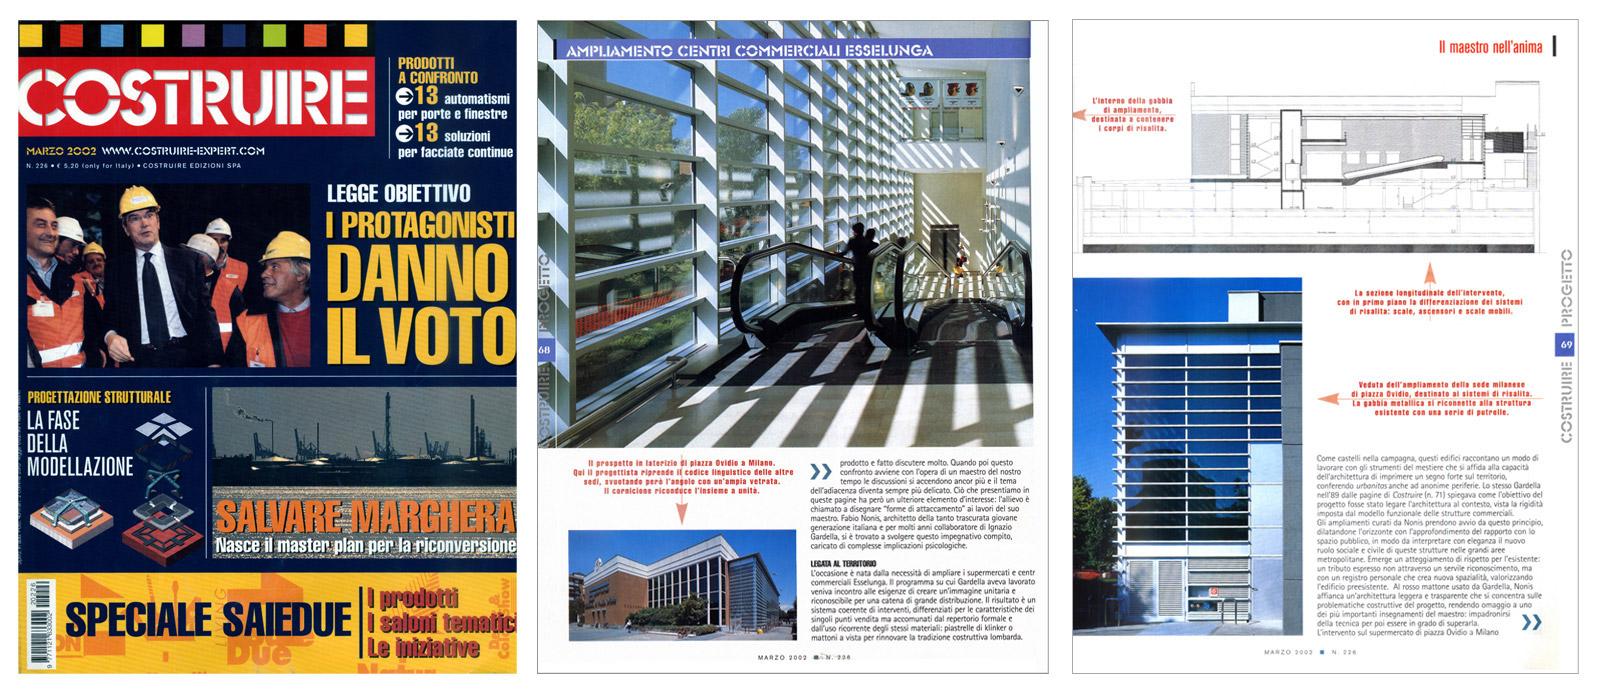 """""""Il maestro dell'anima"""", Costruire n°226, marzo 2002, pagg.da 66 a 71"""